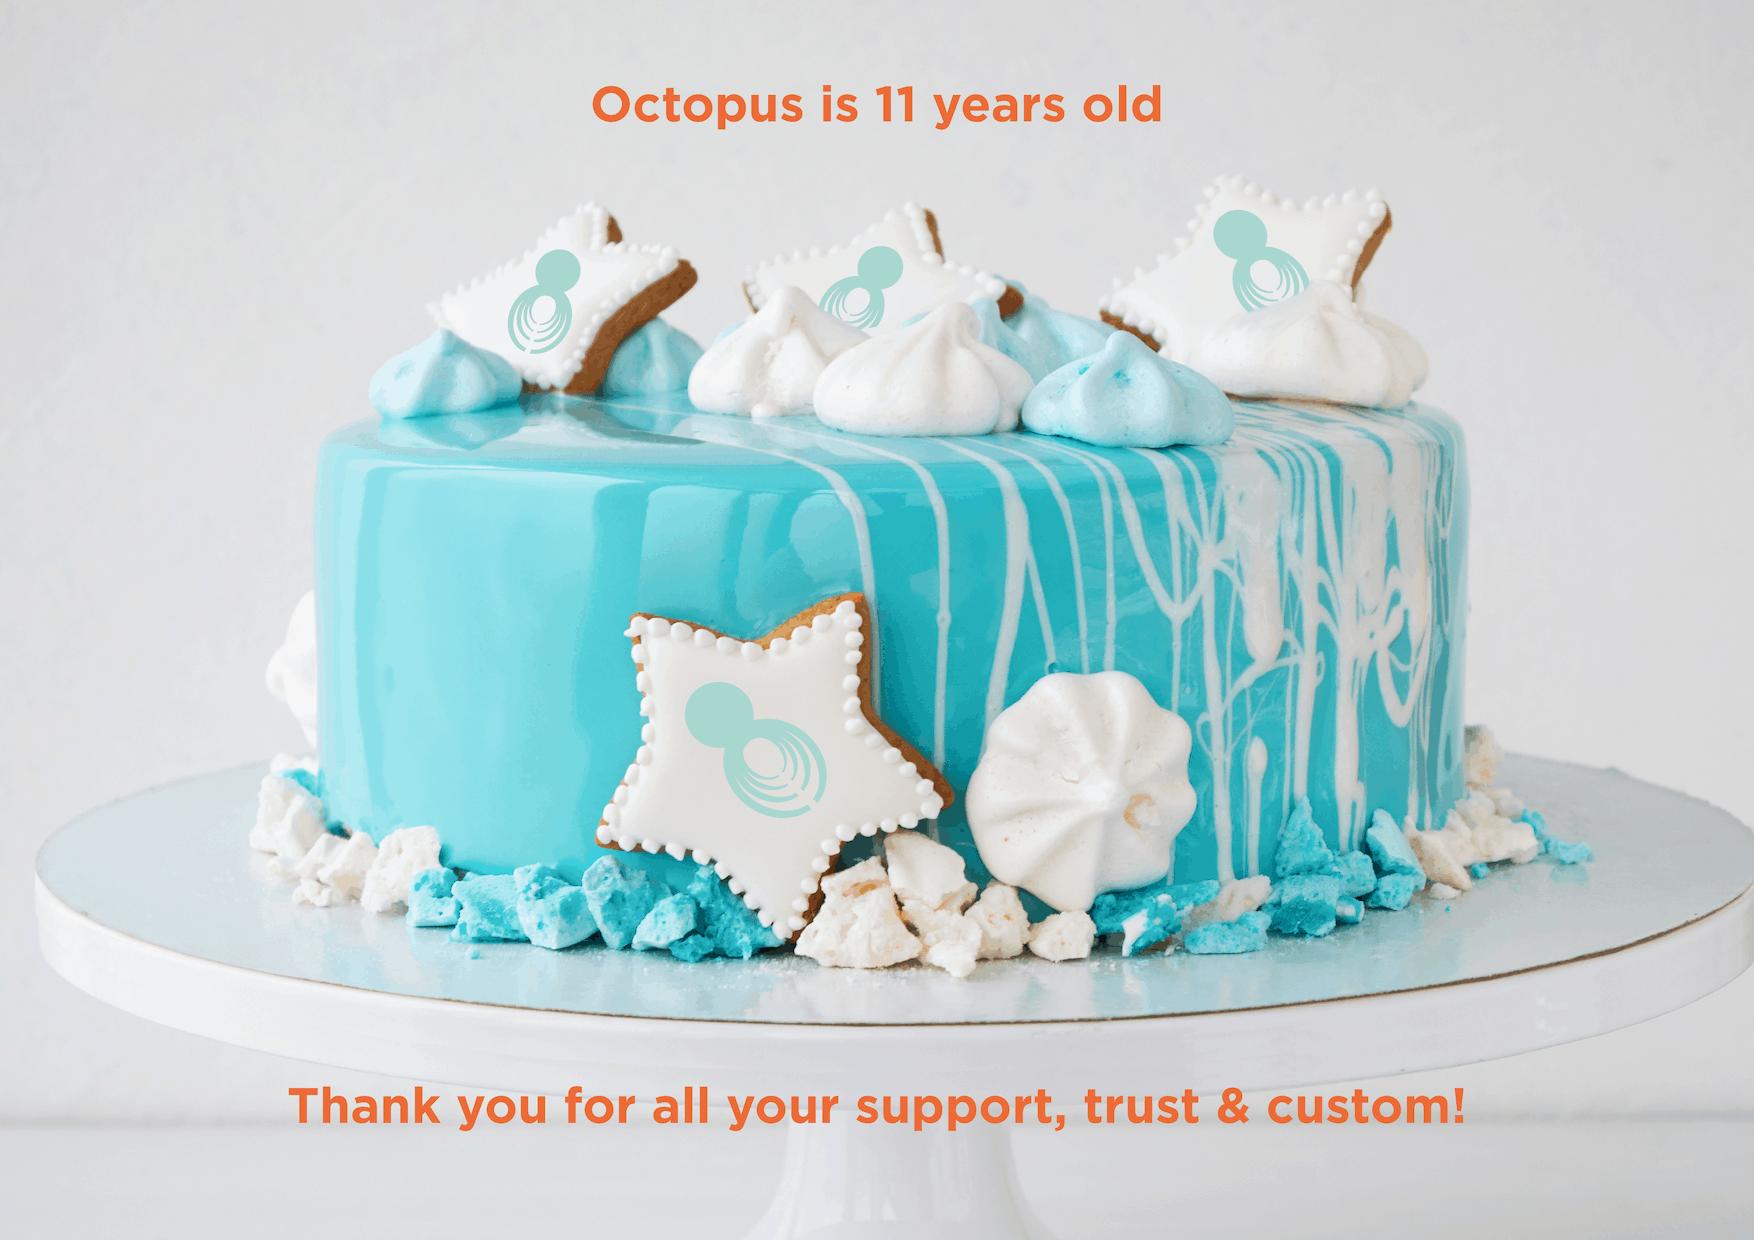 Birthday cake celebrating 11 years